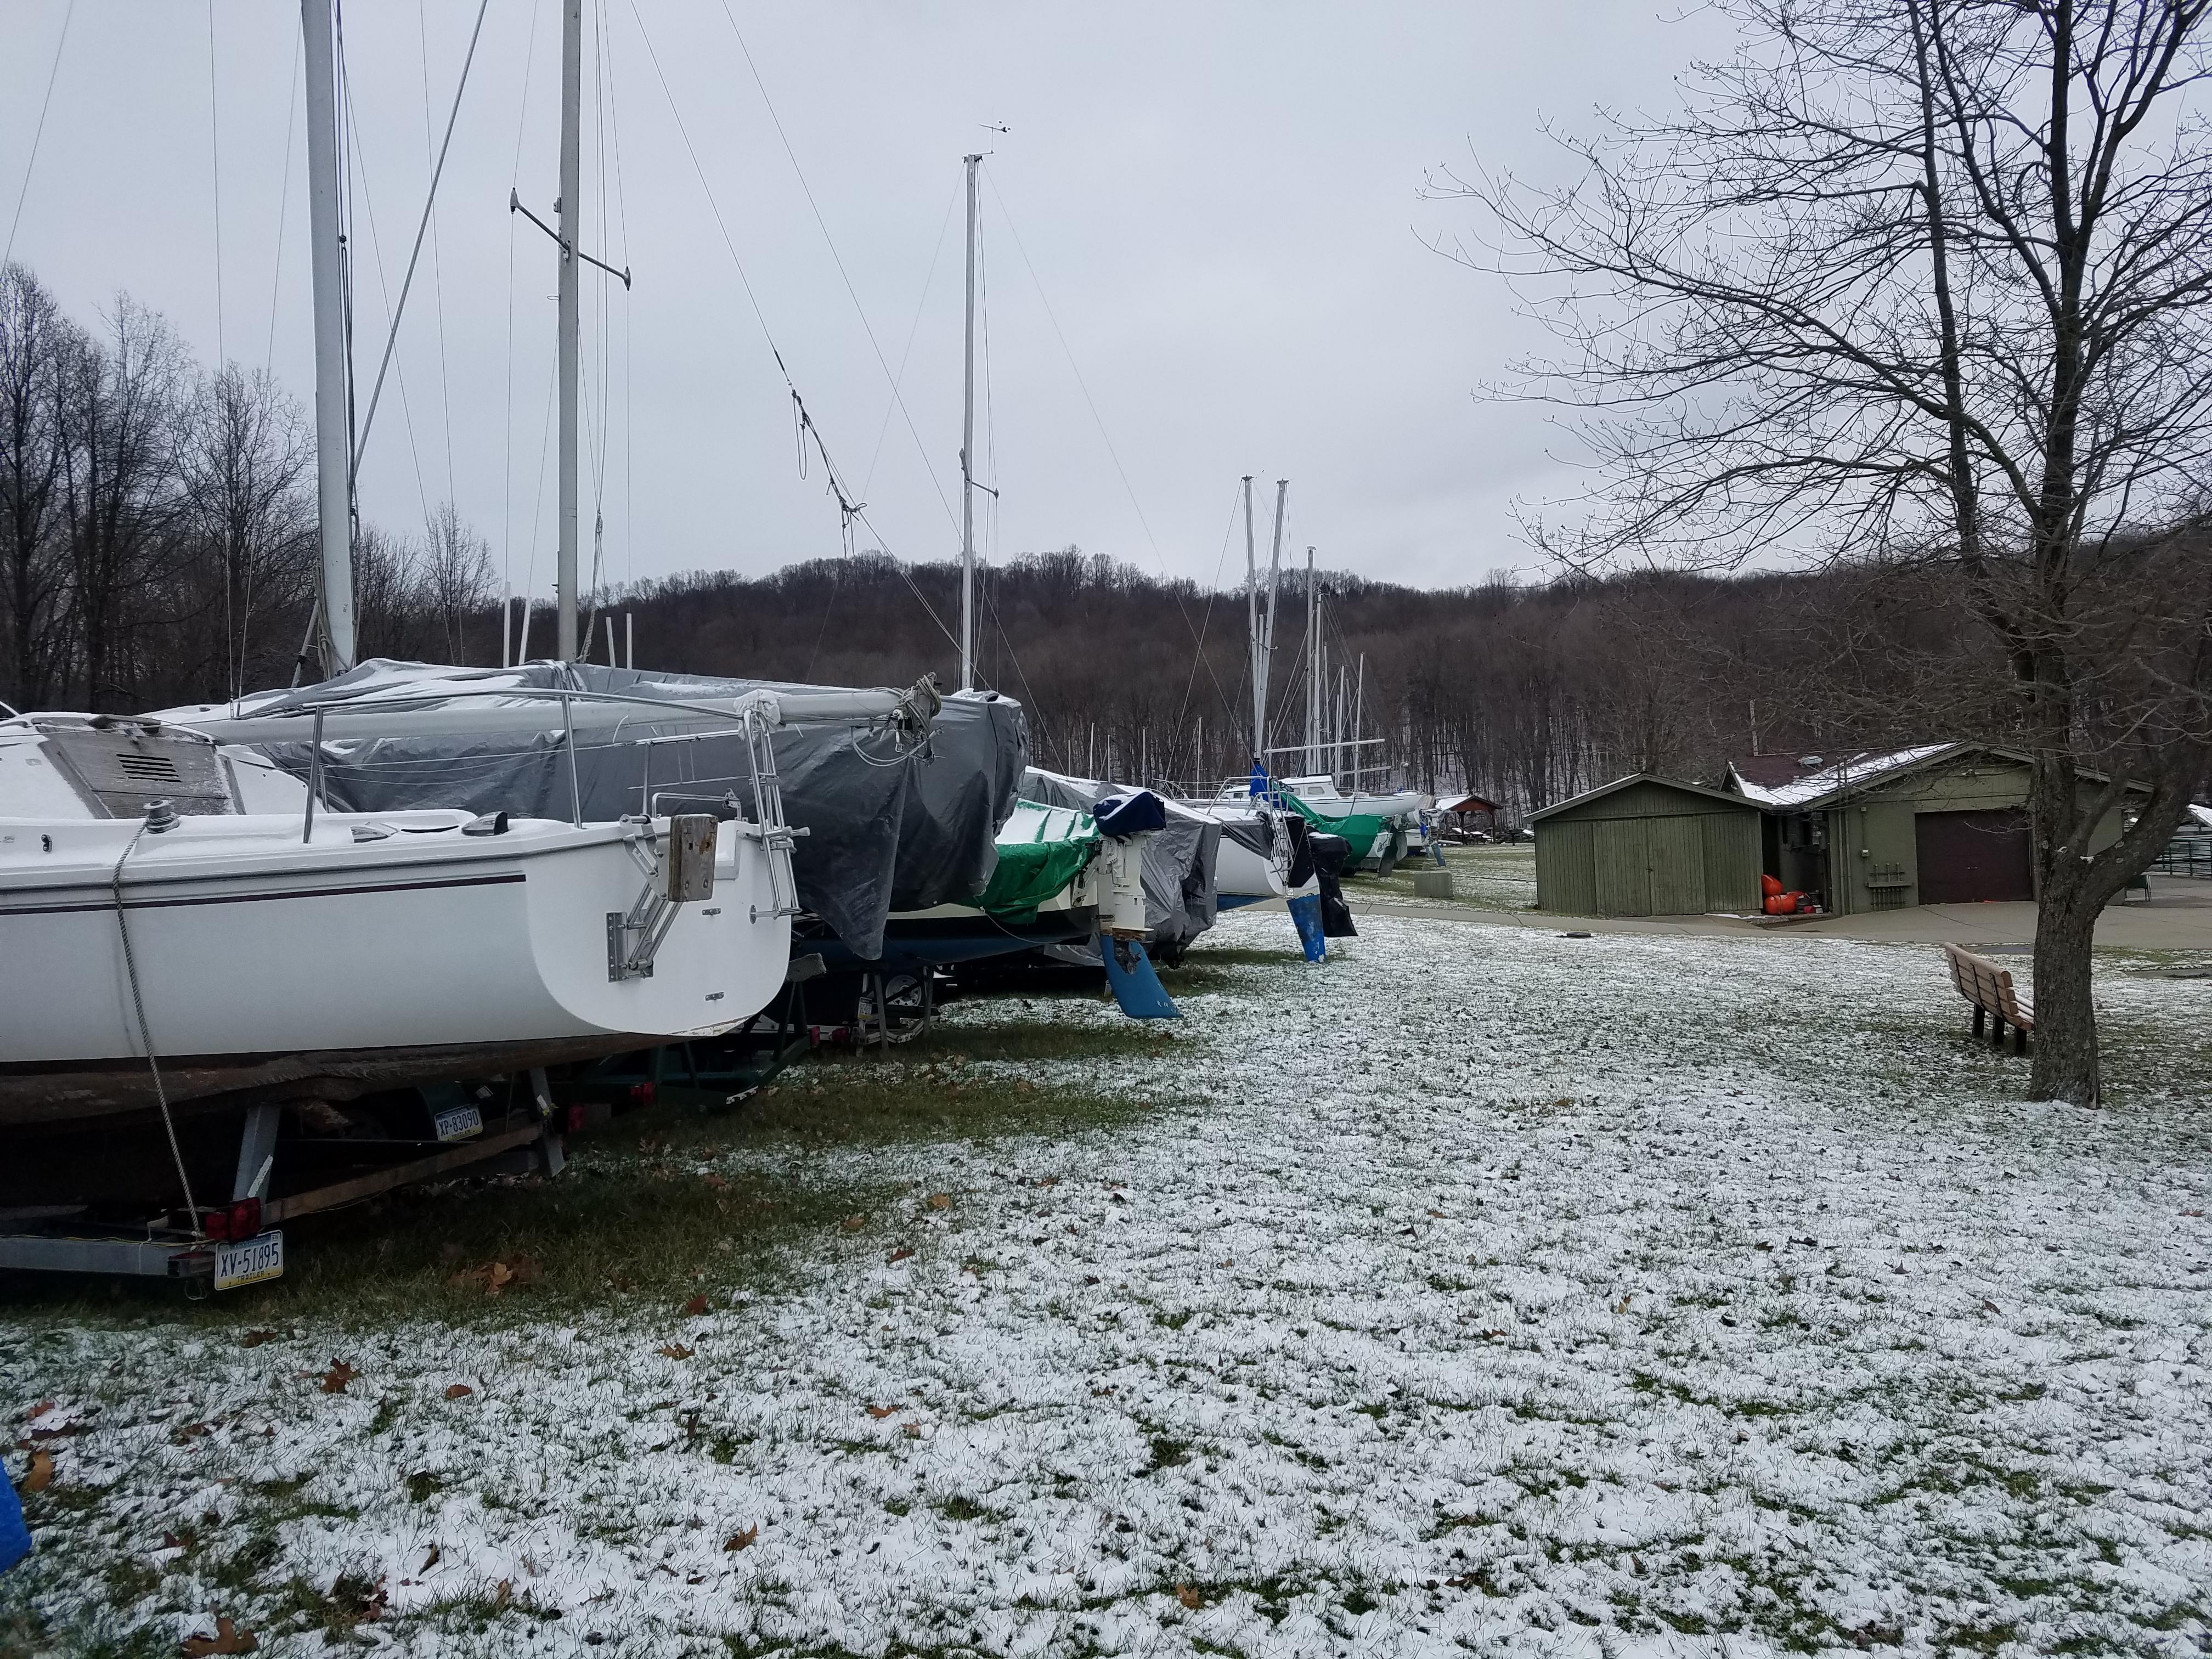 Winter at The Lake 2017